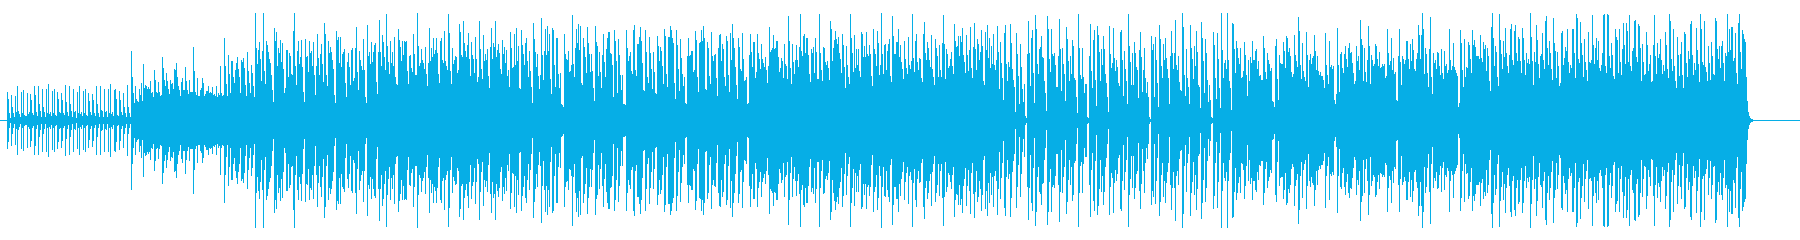 クイズ番組の問題の出題・シンキングタイムの再生済みの波形